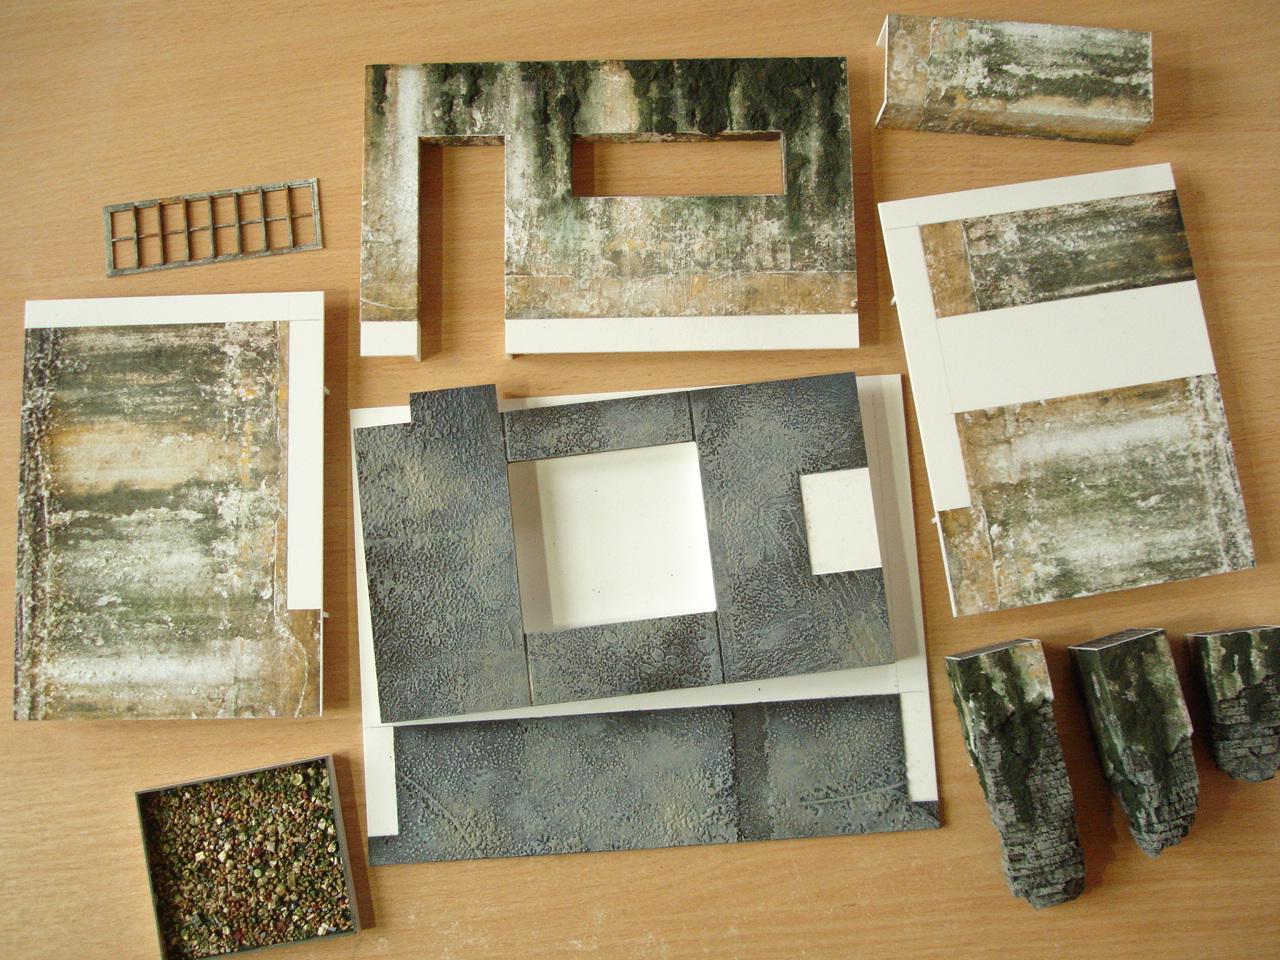 Oldsarges wargame and model blog modeling making basics for Waste material model making